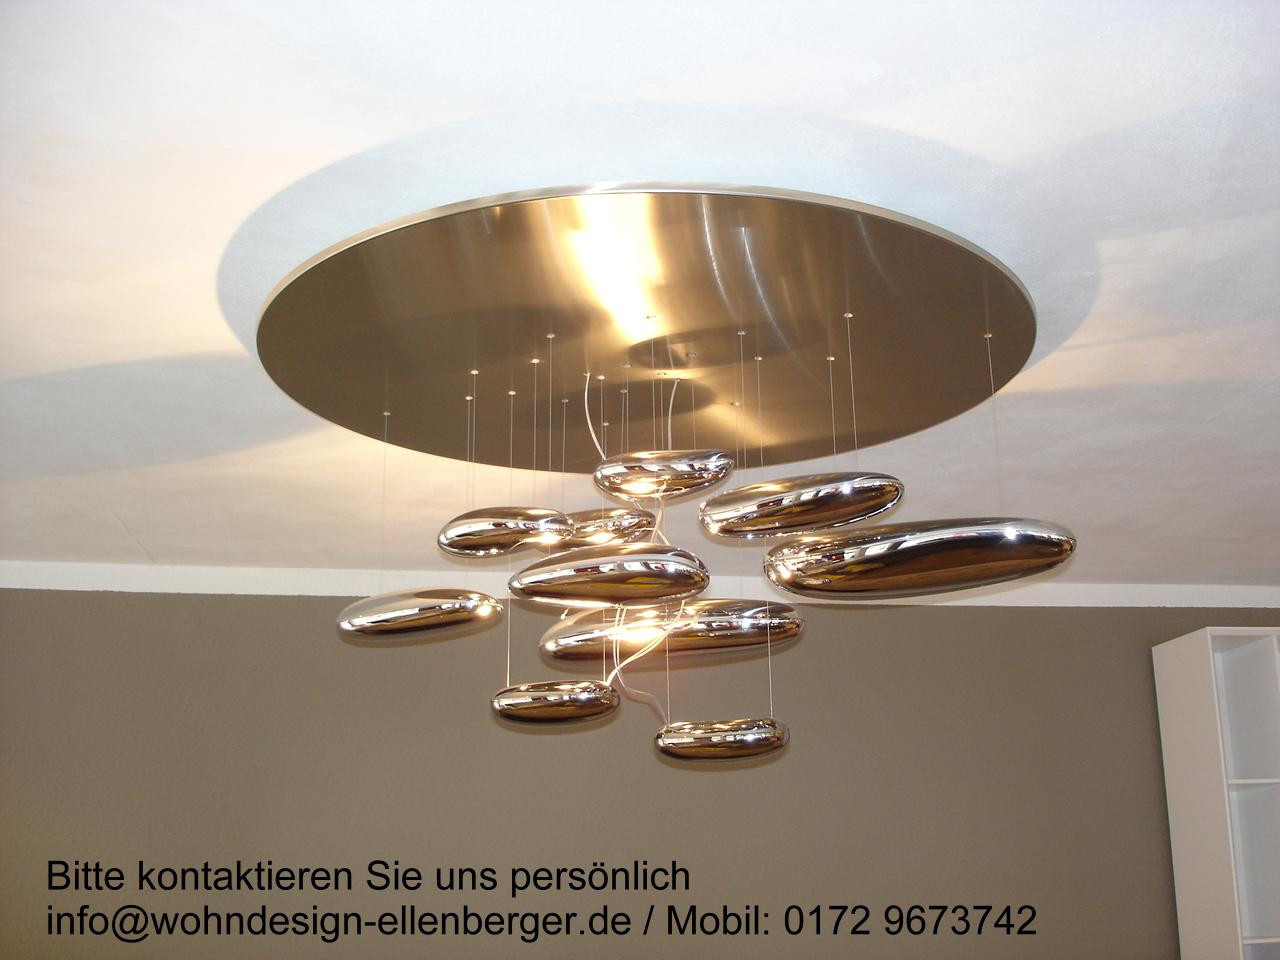 MERCURY Leuchte von Artemide   Designermöbel Bad Hersfeld